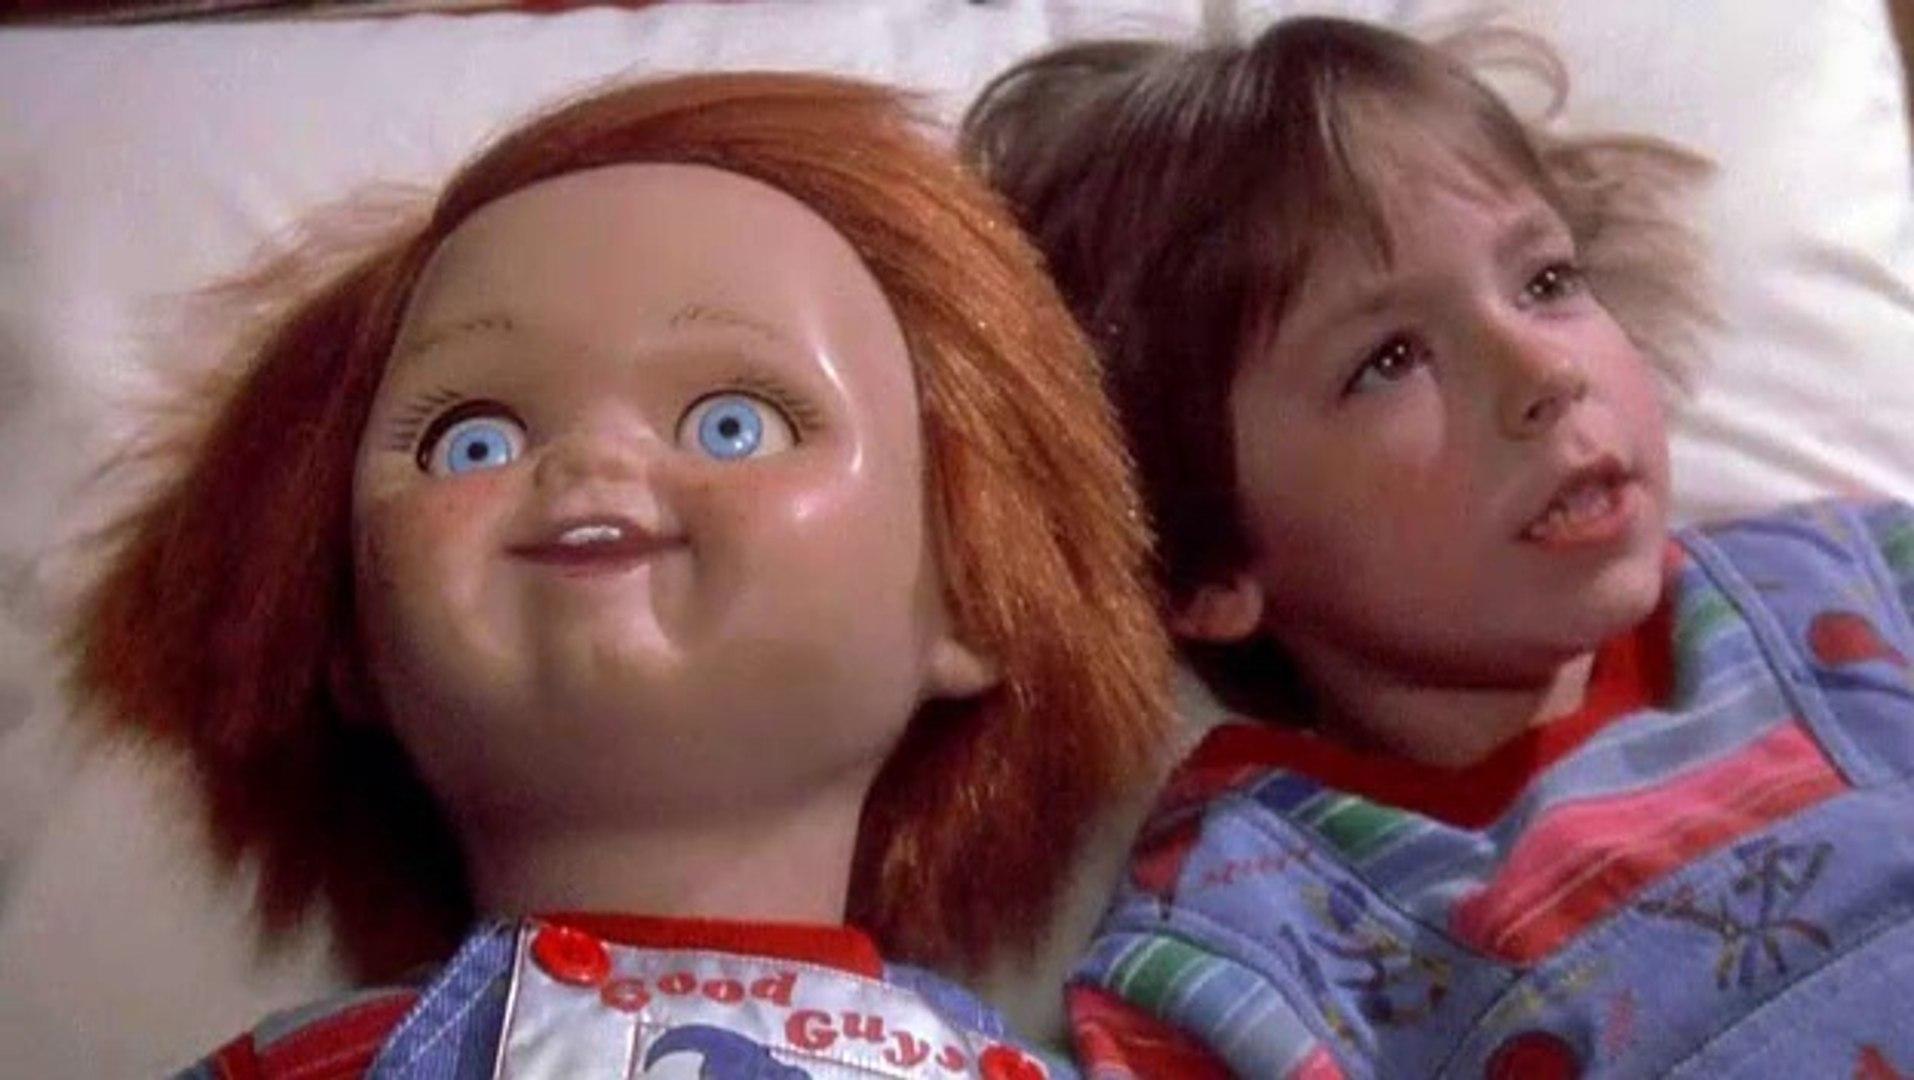 Pelicula Chucky 1 El Muñeco Diabolico Español Vídeo Dailymotion